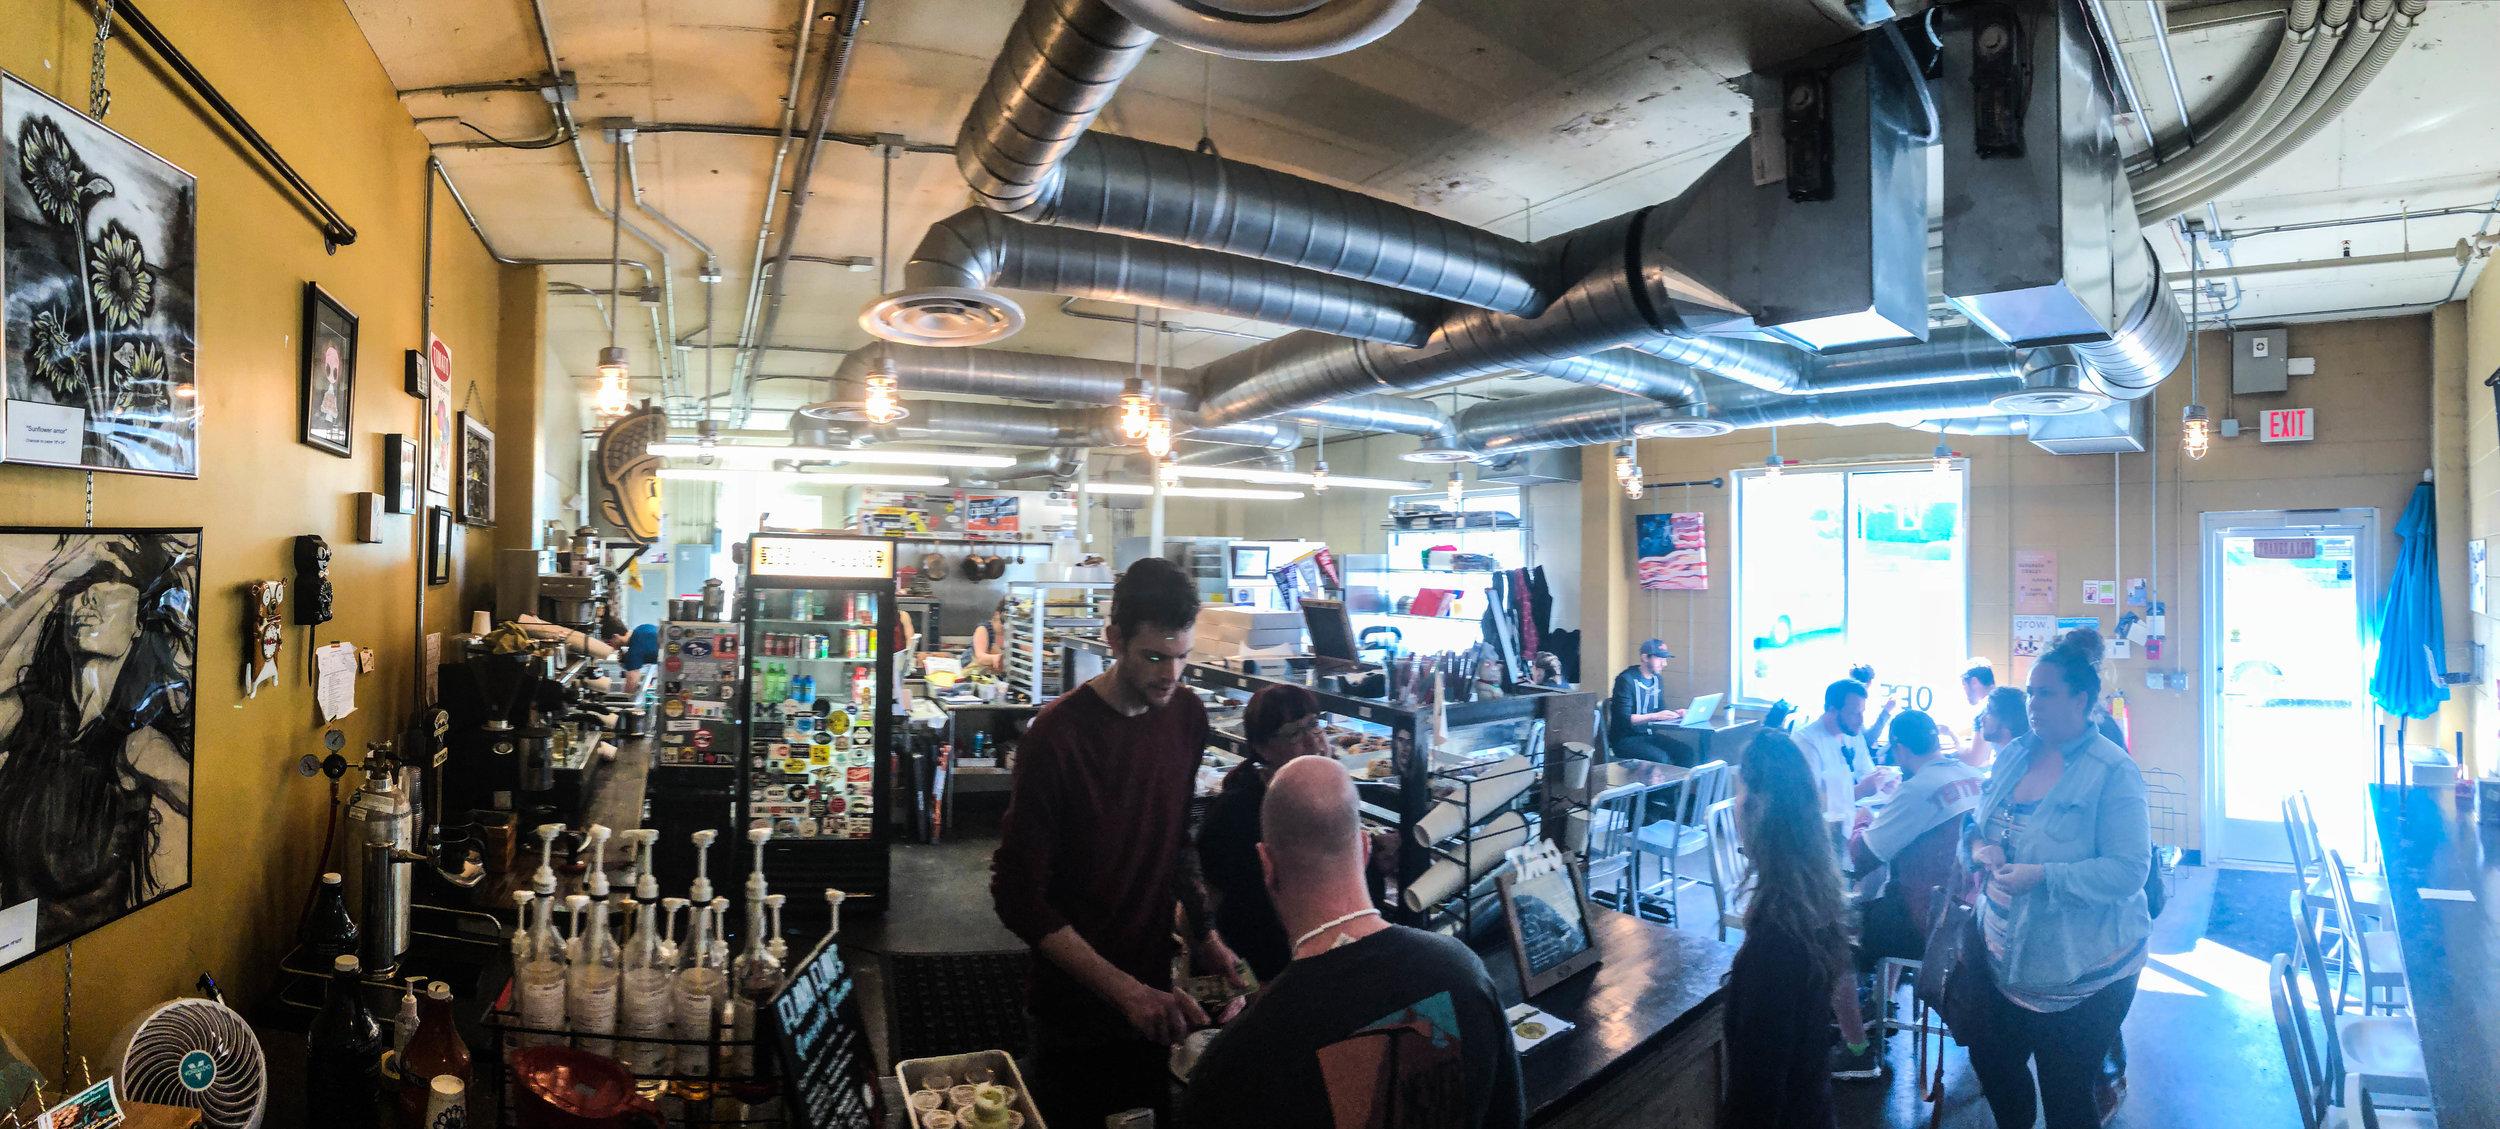 yeast-nashville-coffee-shops-5.jpg